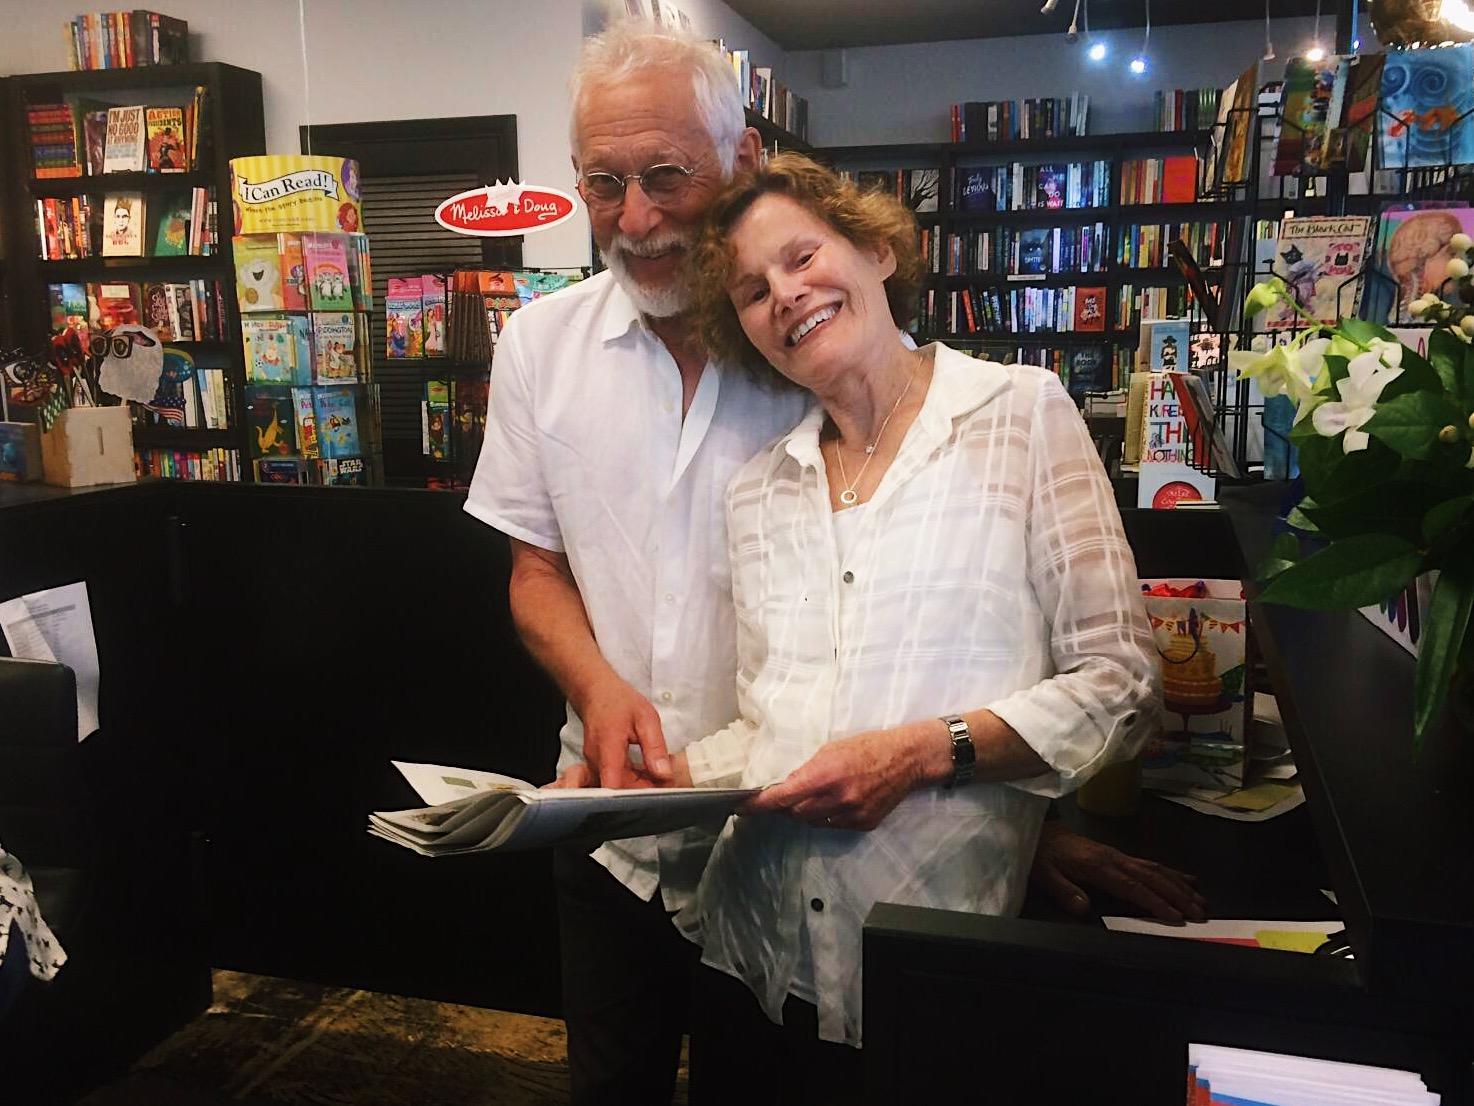 judy blume celebrates her 80th birthday at work in key west wlrn